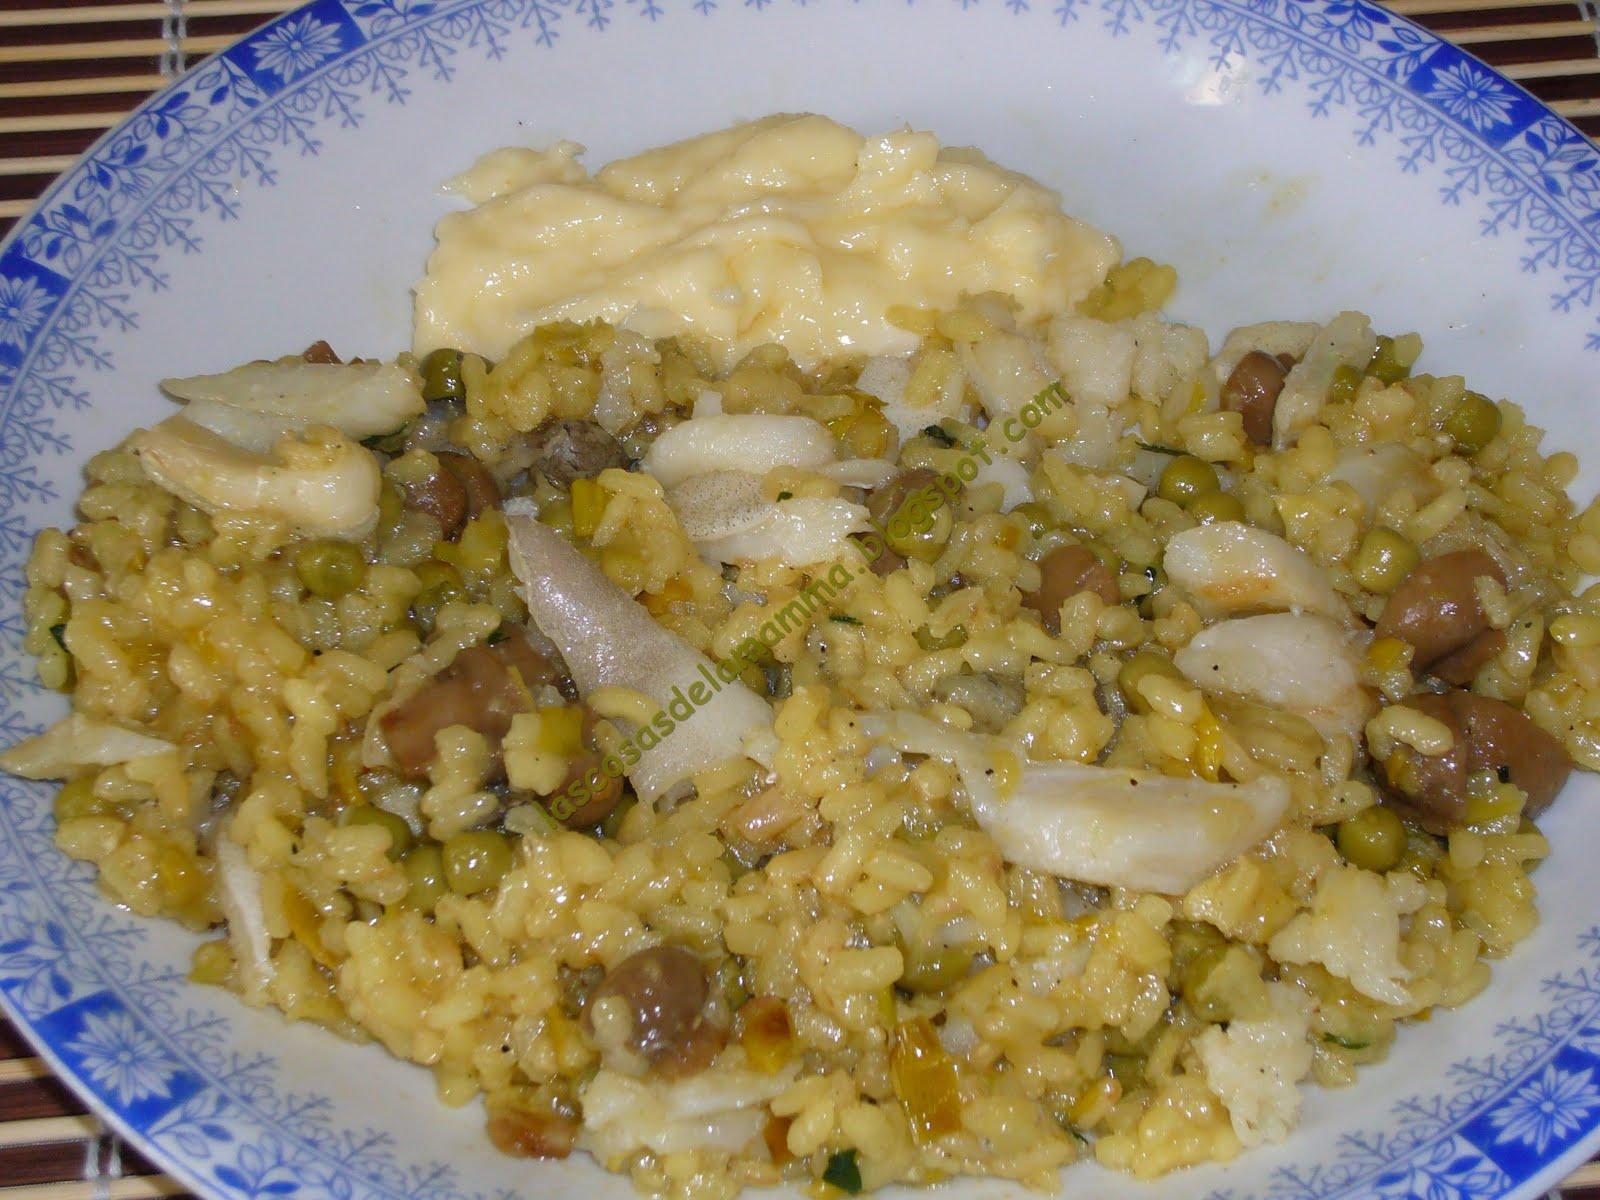 Las cosas de la mamma arroz con bacalao - Arroz con bacalao desmigado ...